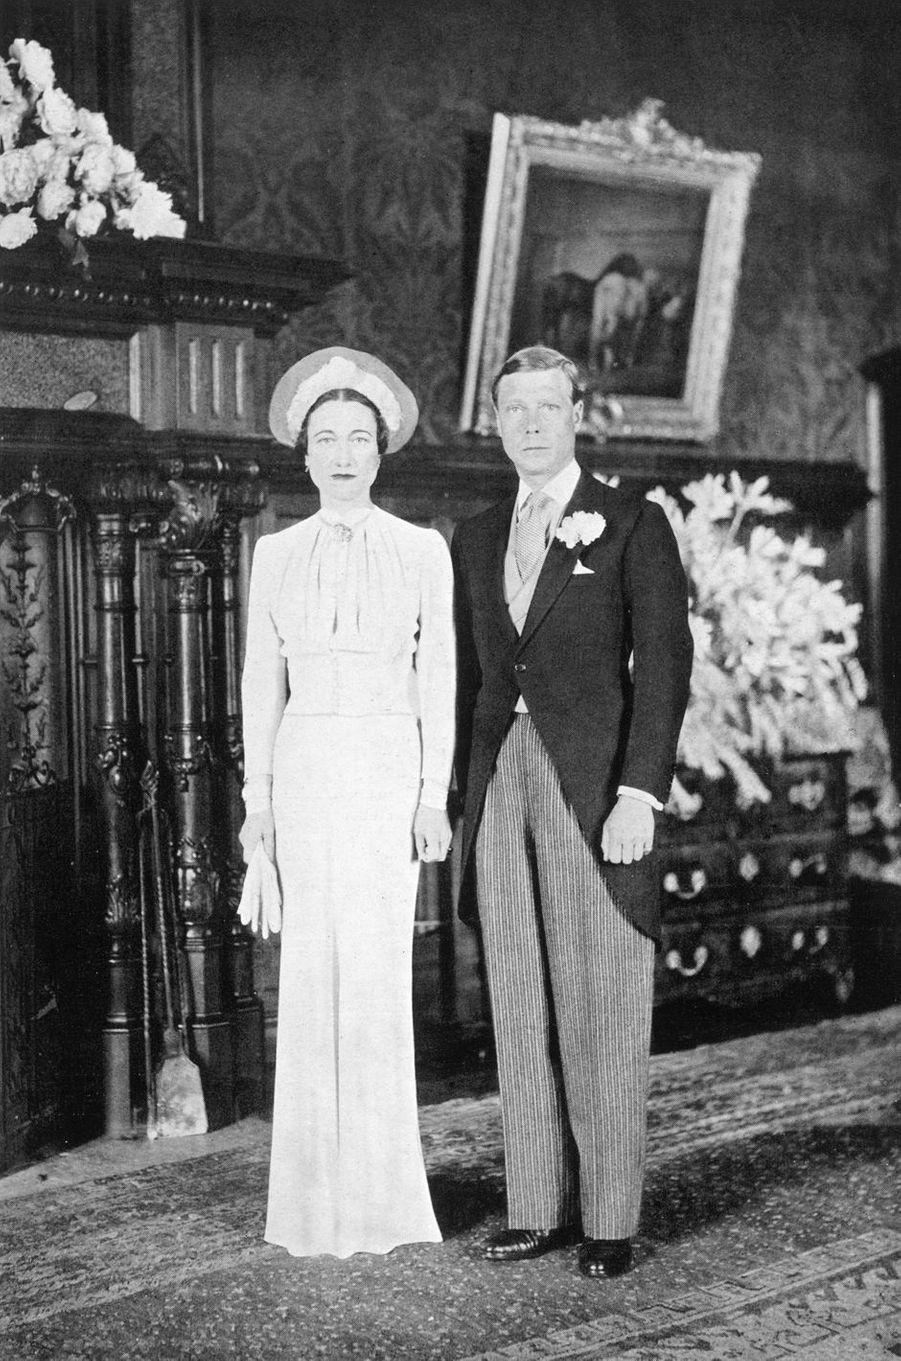 Le mariage de Wallis Simpson et de l'ex-roi Edward VIII d'Angleterre, le 3 juin 1937